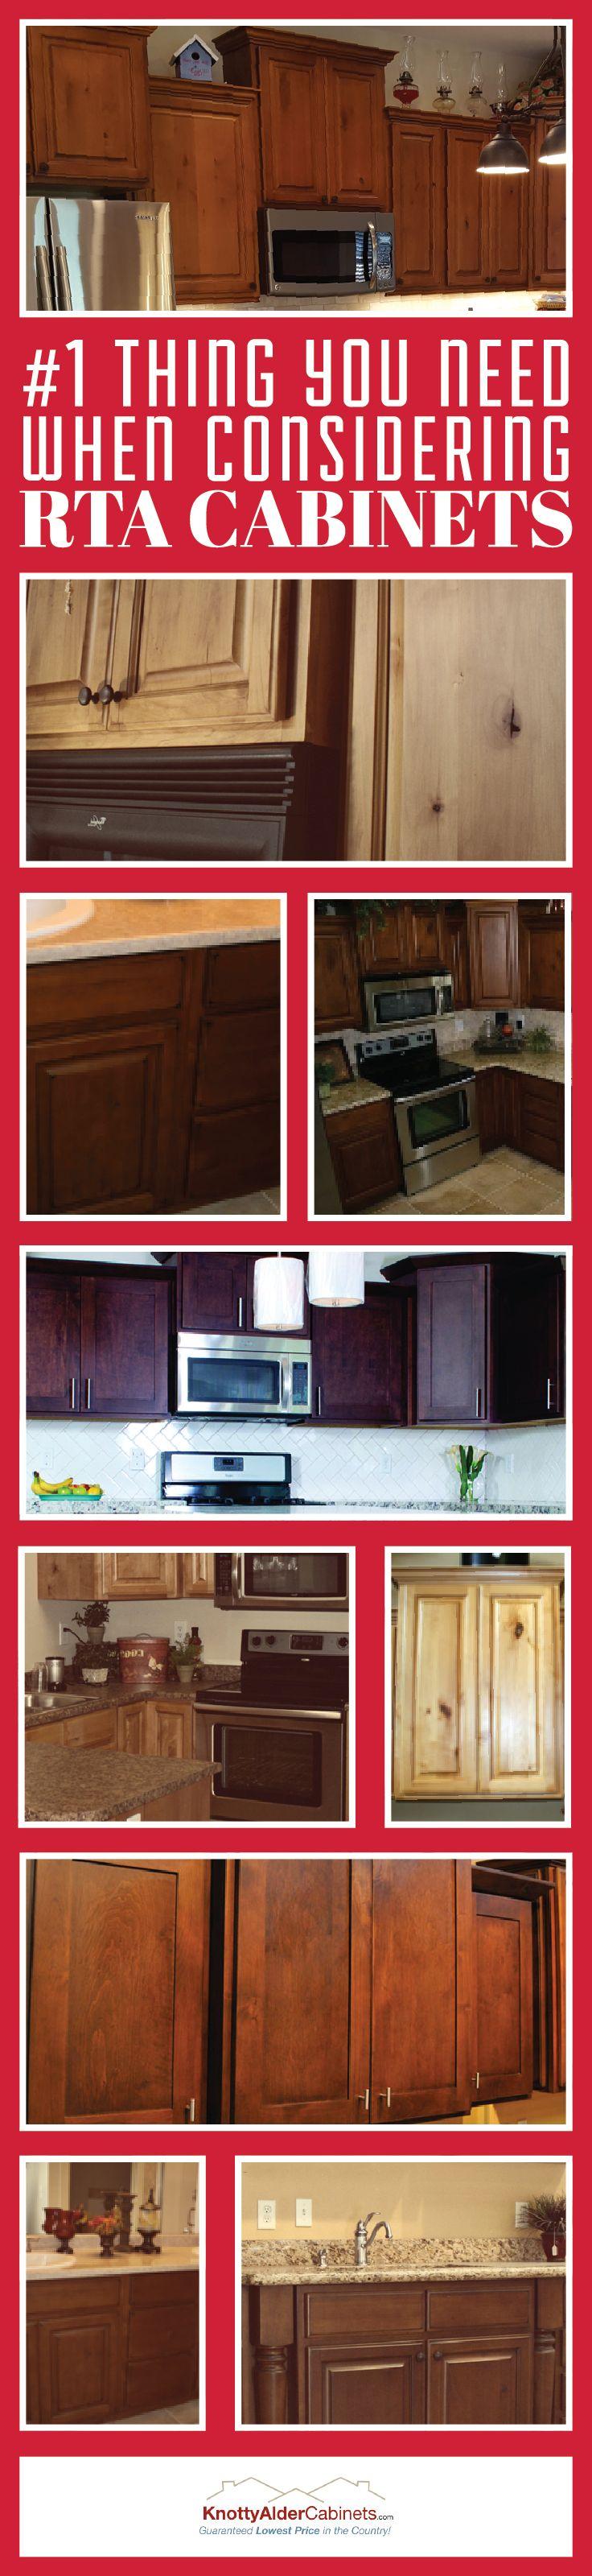 The 25+ best Rta cabinets ideas on Pinterest | Rta kitchen ...